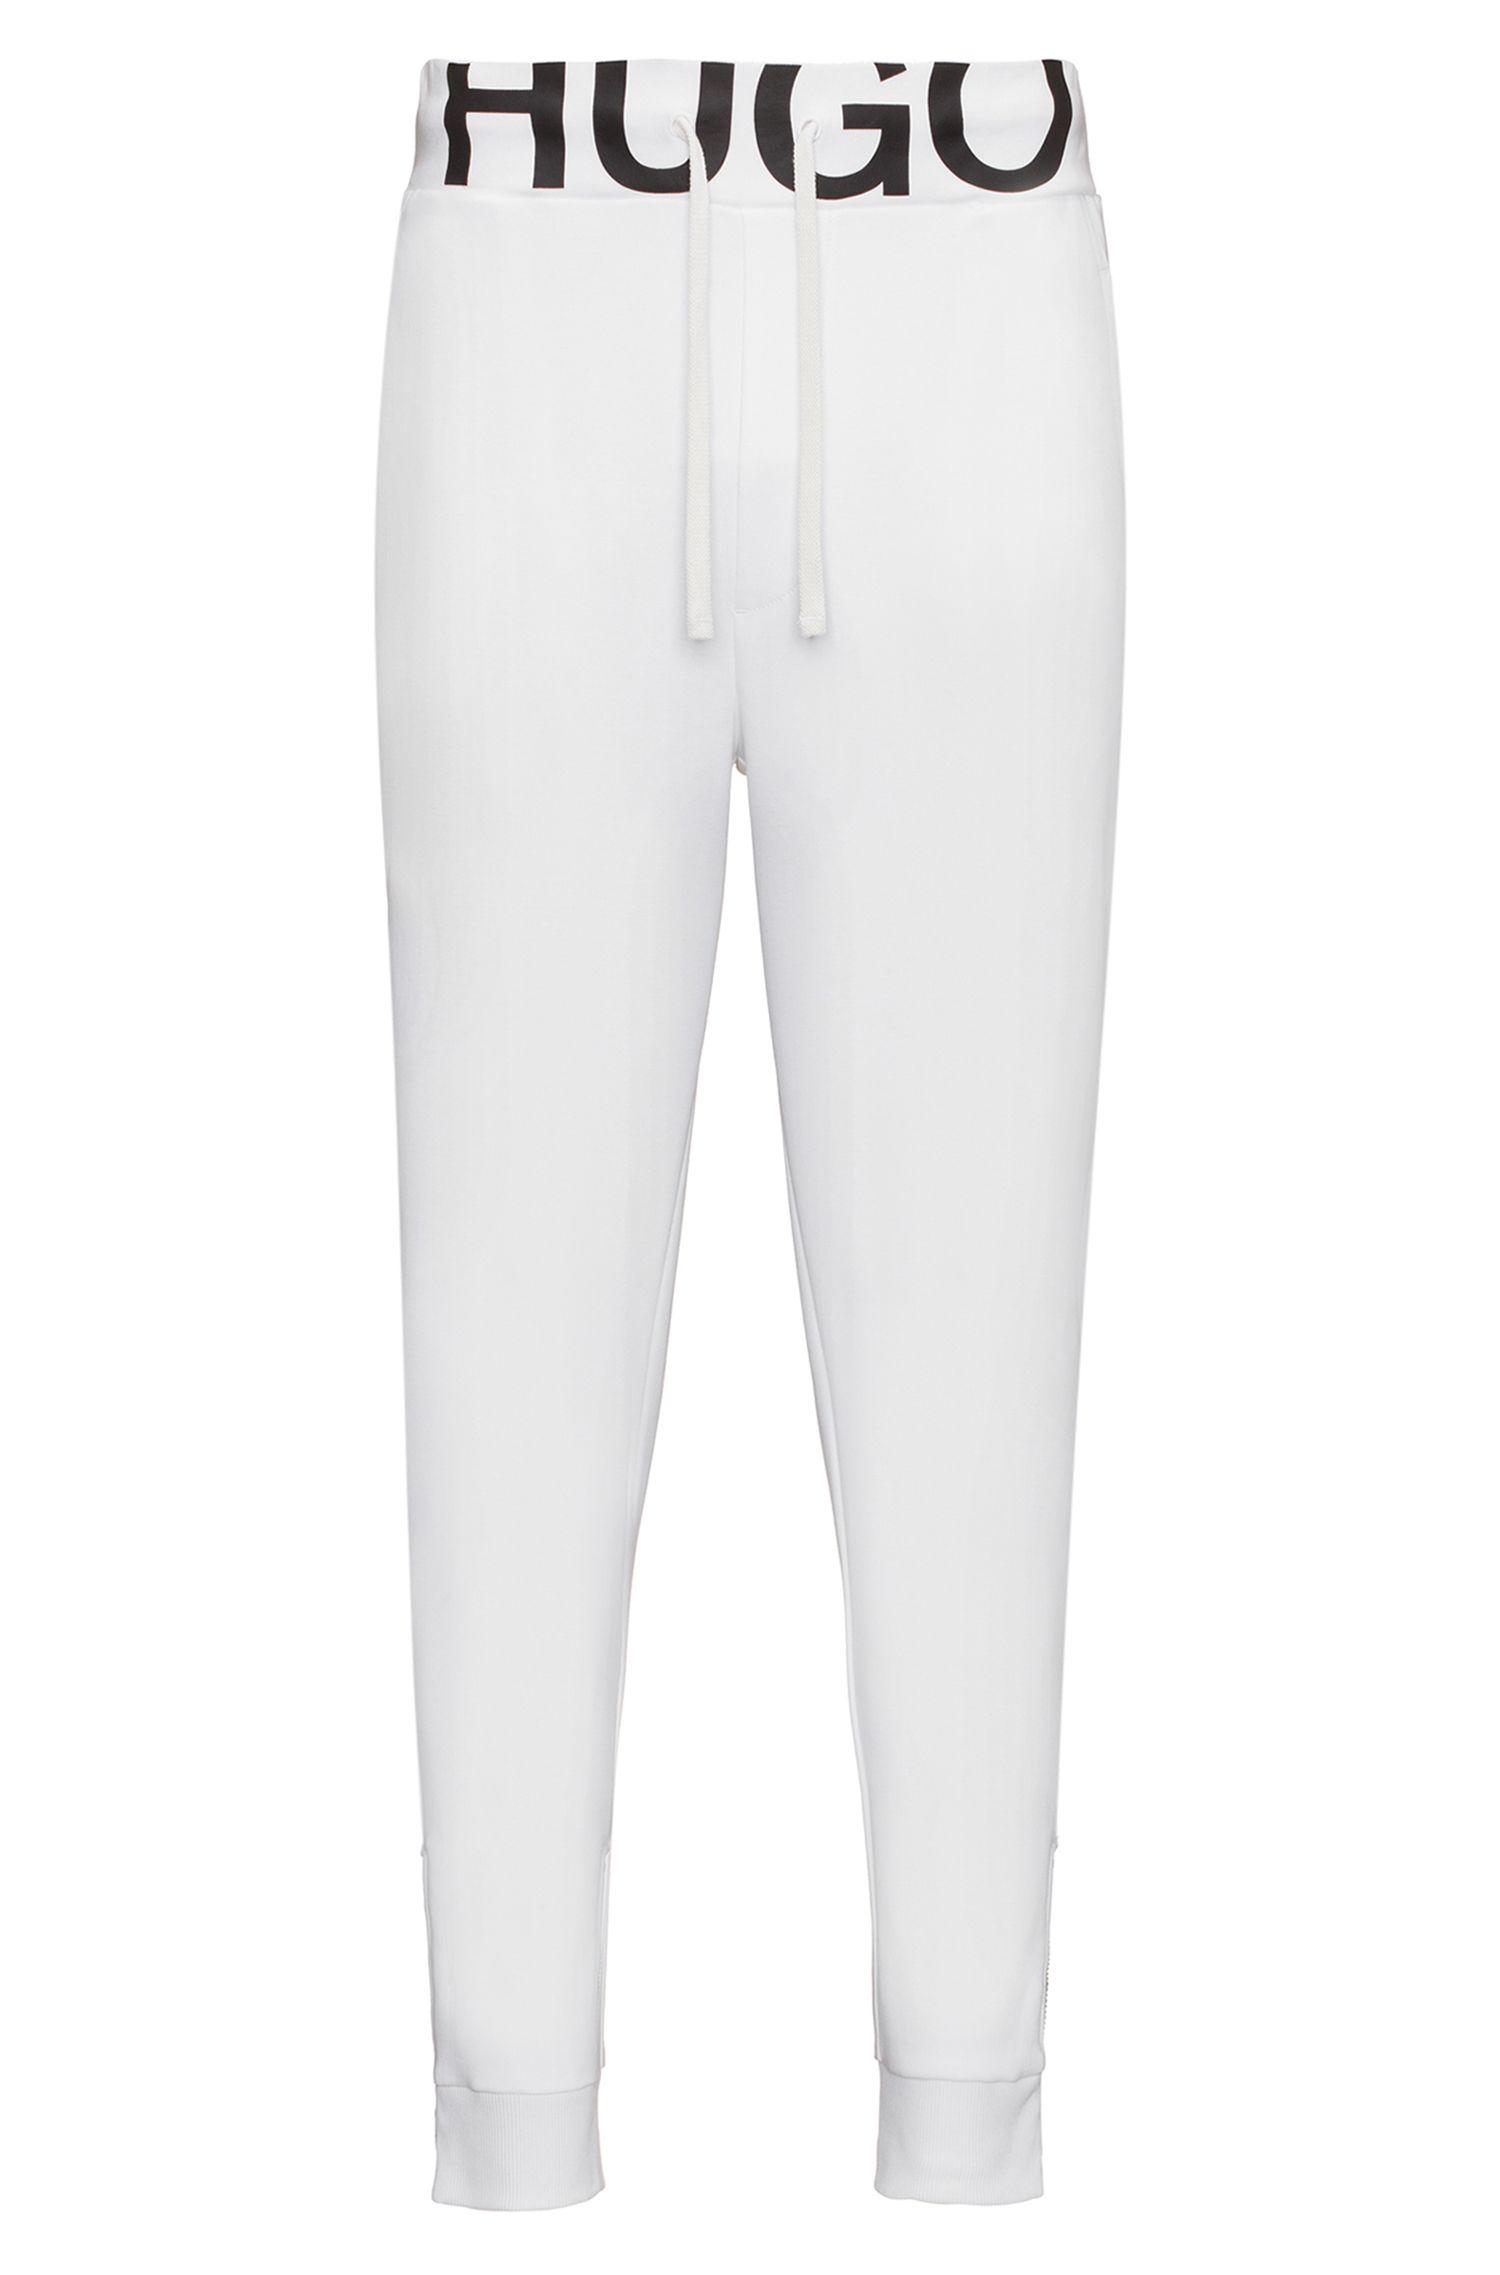 Regular-Fit Jogginghose aus elastischer Baumwolle mit Logo-Bund